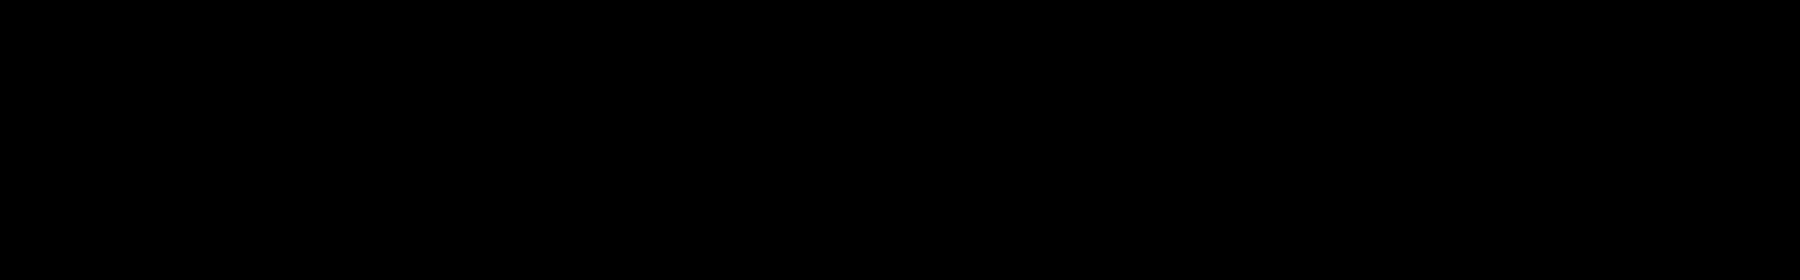 Multiverse - Retrowave Loops audio waveform